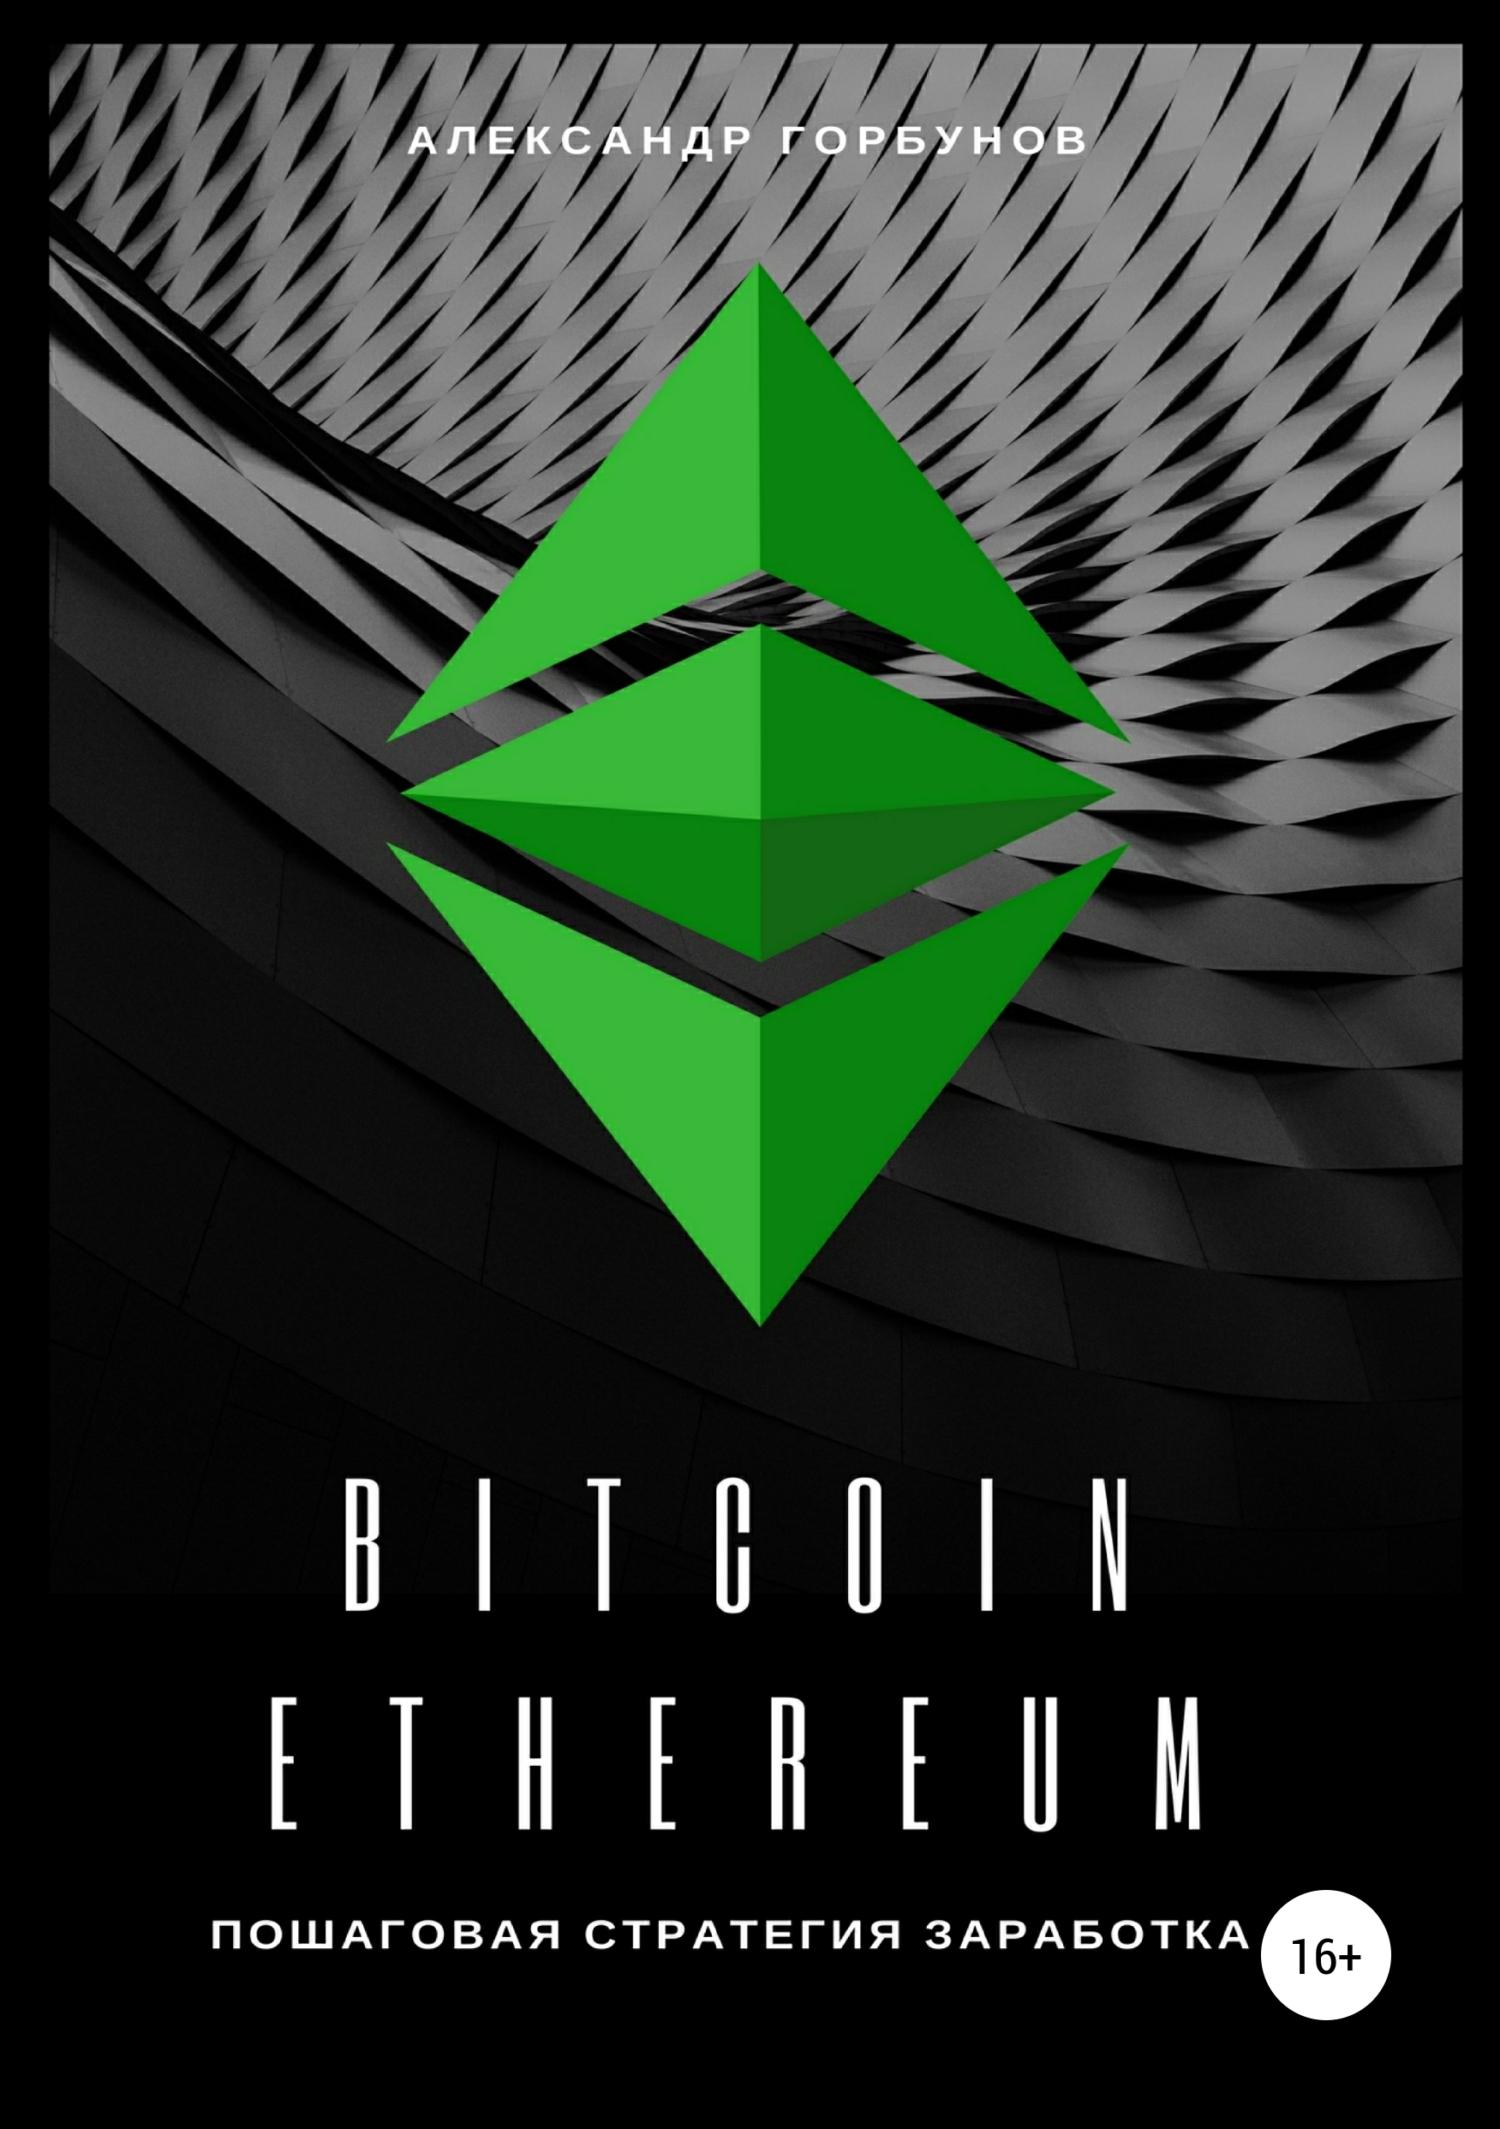 Александр Горбунов Bitcoin, Ethereum: пошаговая стратегия для заработка александр горбунов 54000$ в час или как инвестировать в bitcoin